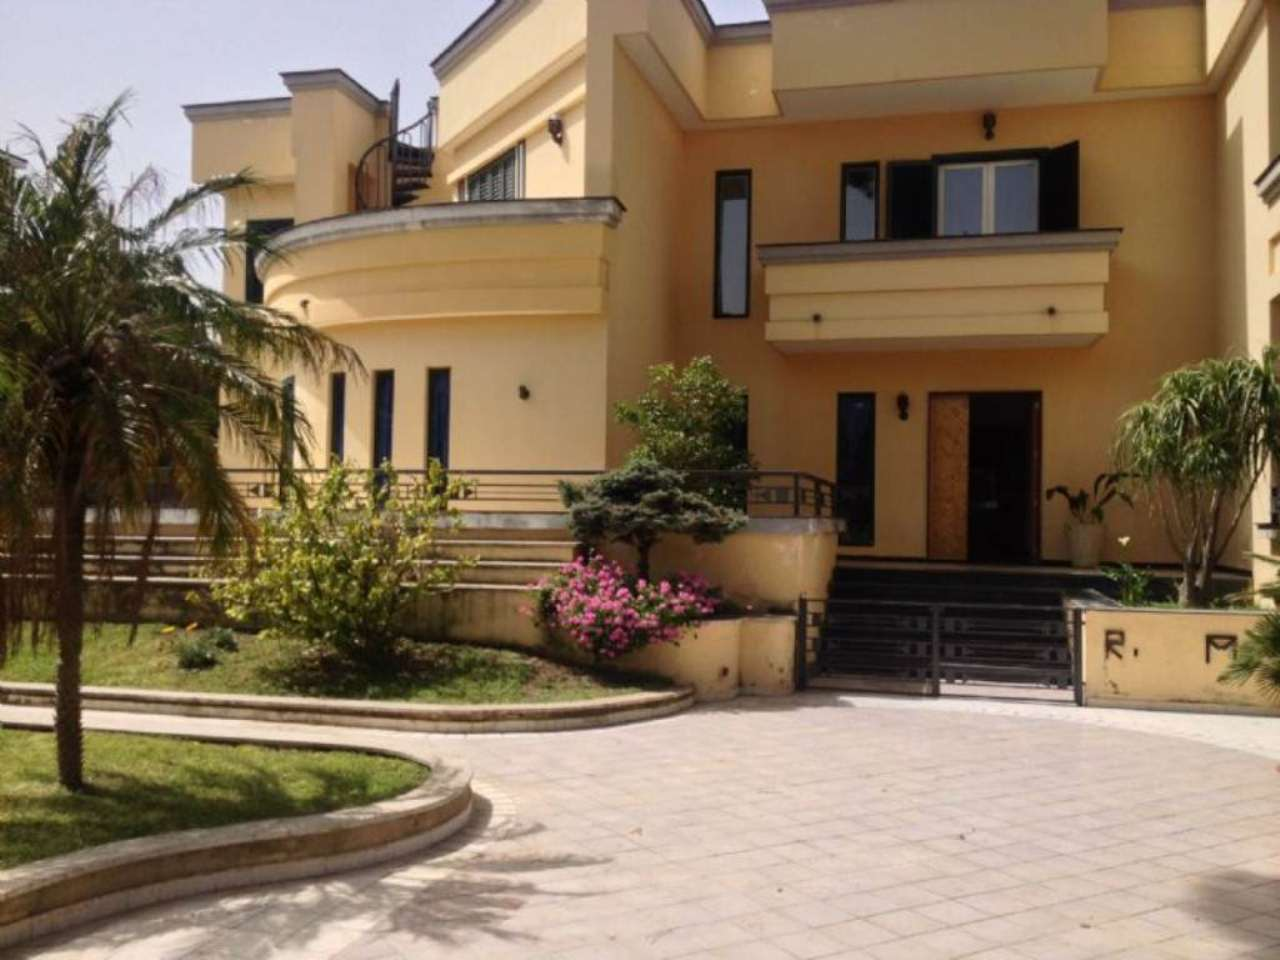 Villa in vendita a Angri, 8 locali, prezzo € 1.400.000 | Cambio Casa.it